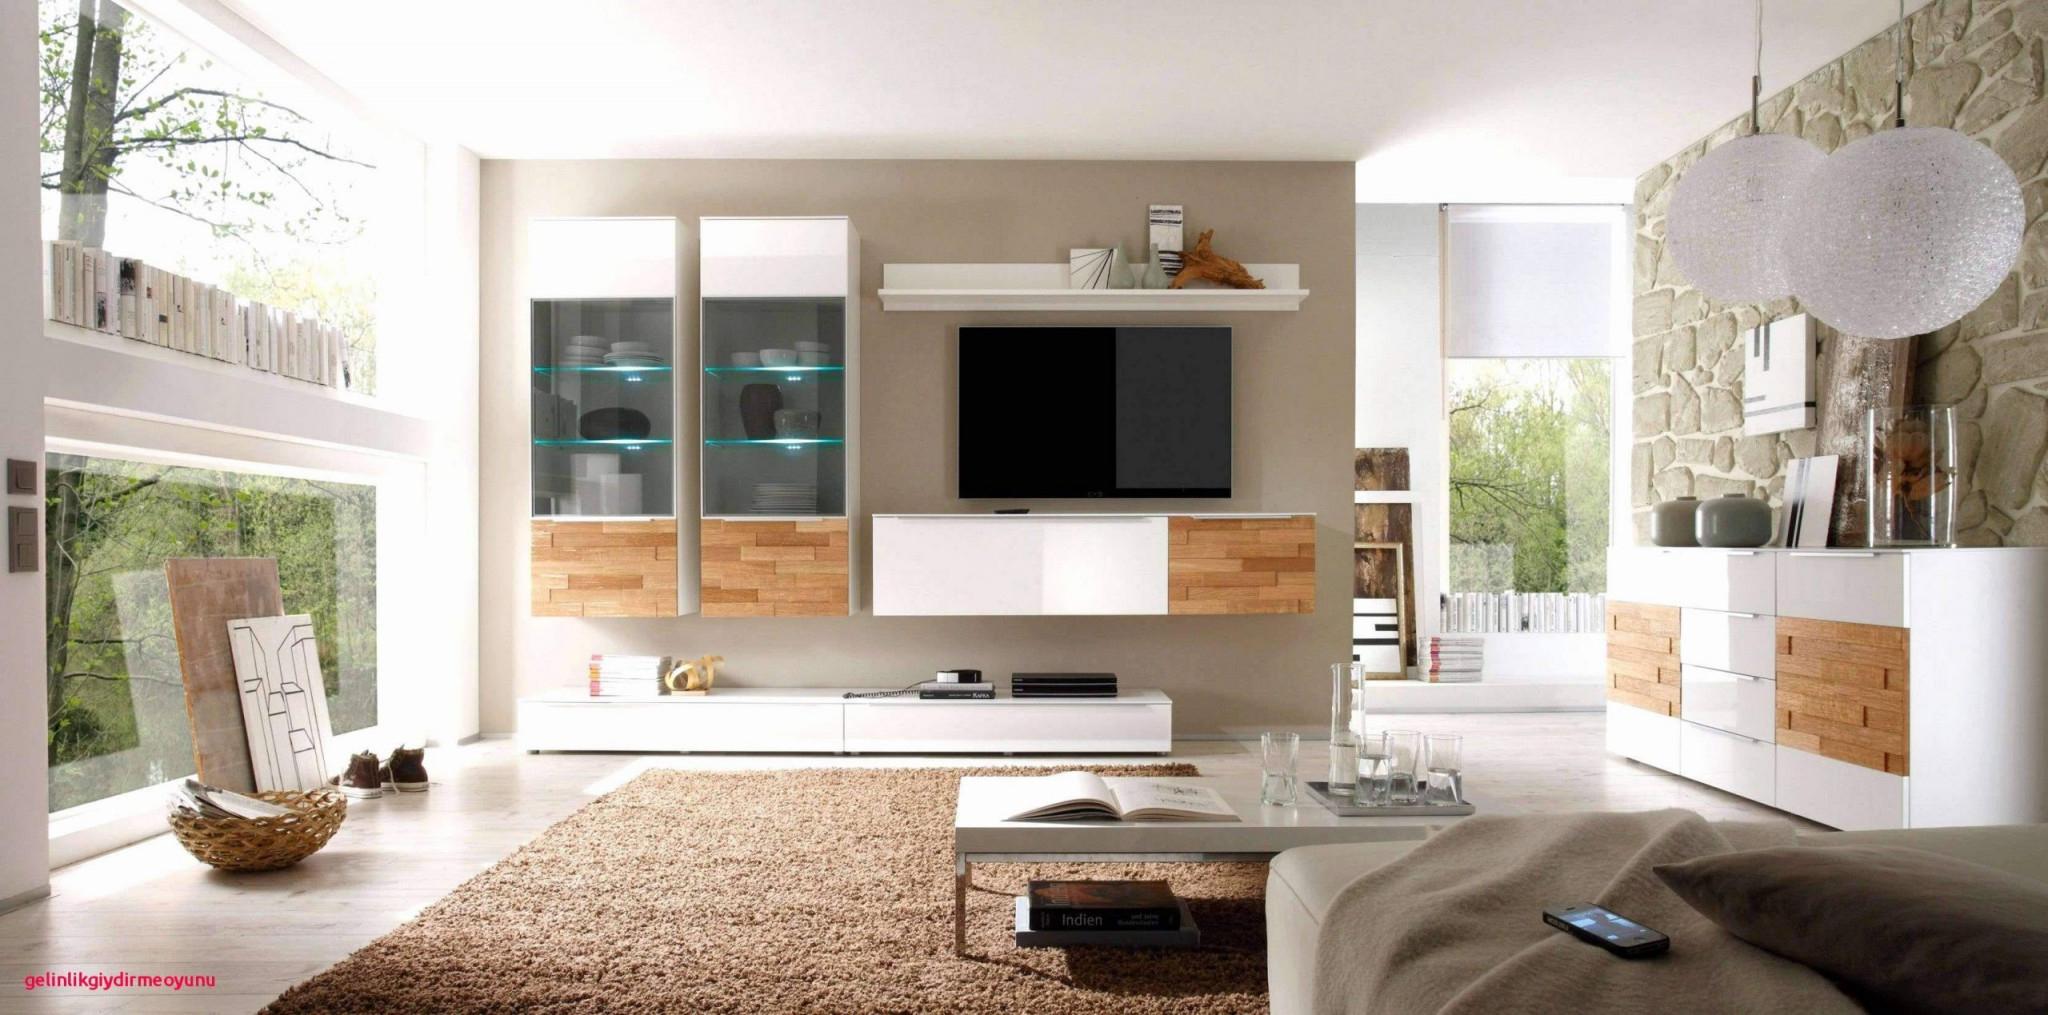 Haus Mit Galerie Im Wohnzimmer Frisch Deko Ideen Wohnzimmer von Deko Wohnzimmer Holz Photo